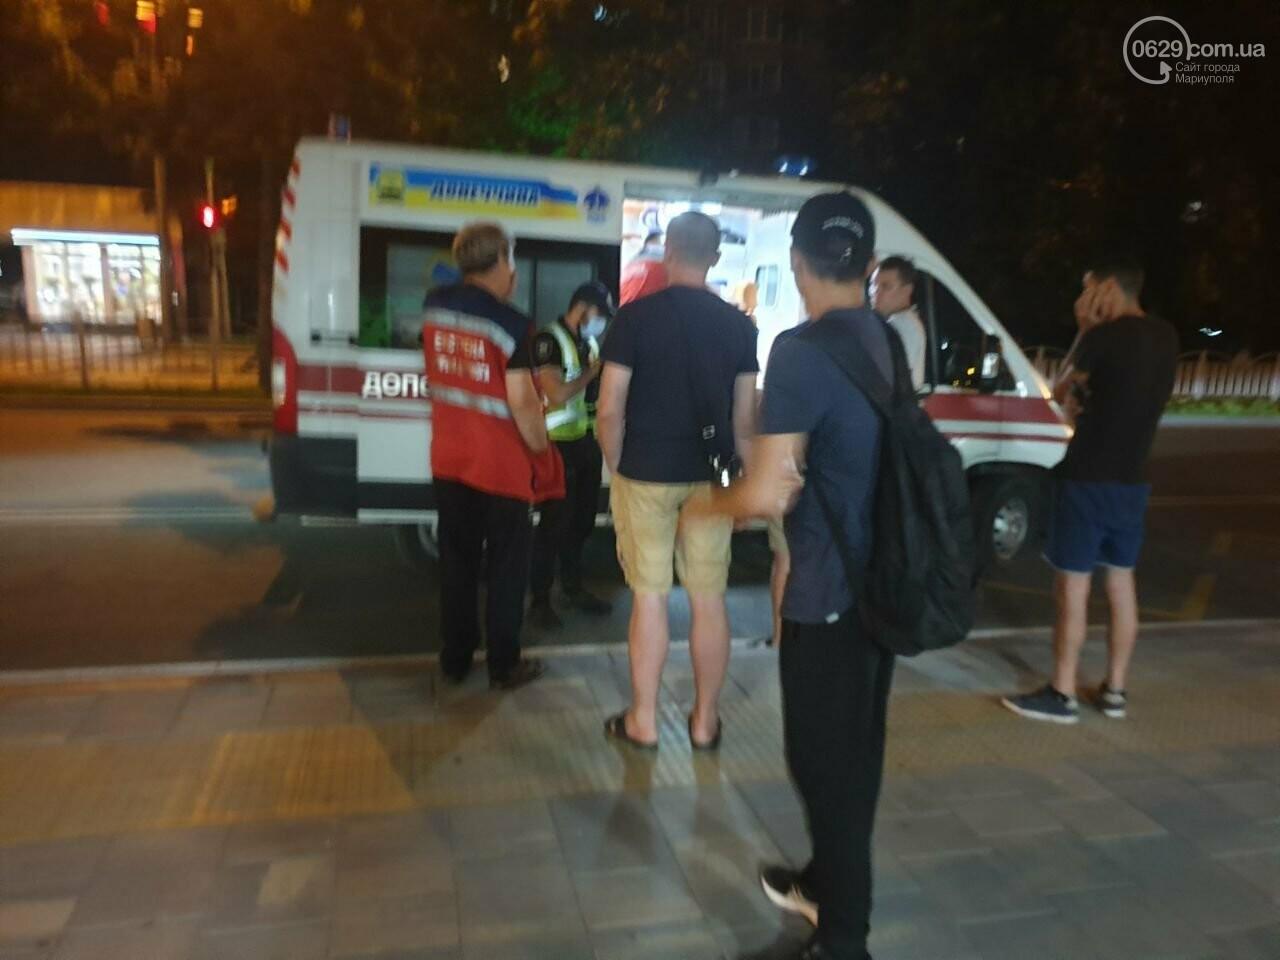 Кто виноват? В Мариуполе автомобиль на пешеходном переходе столкнулся с велосипедистом, - ФОТО, фото-6